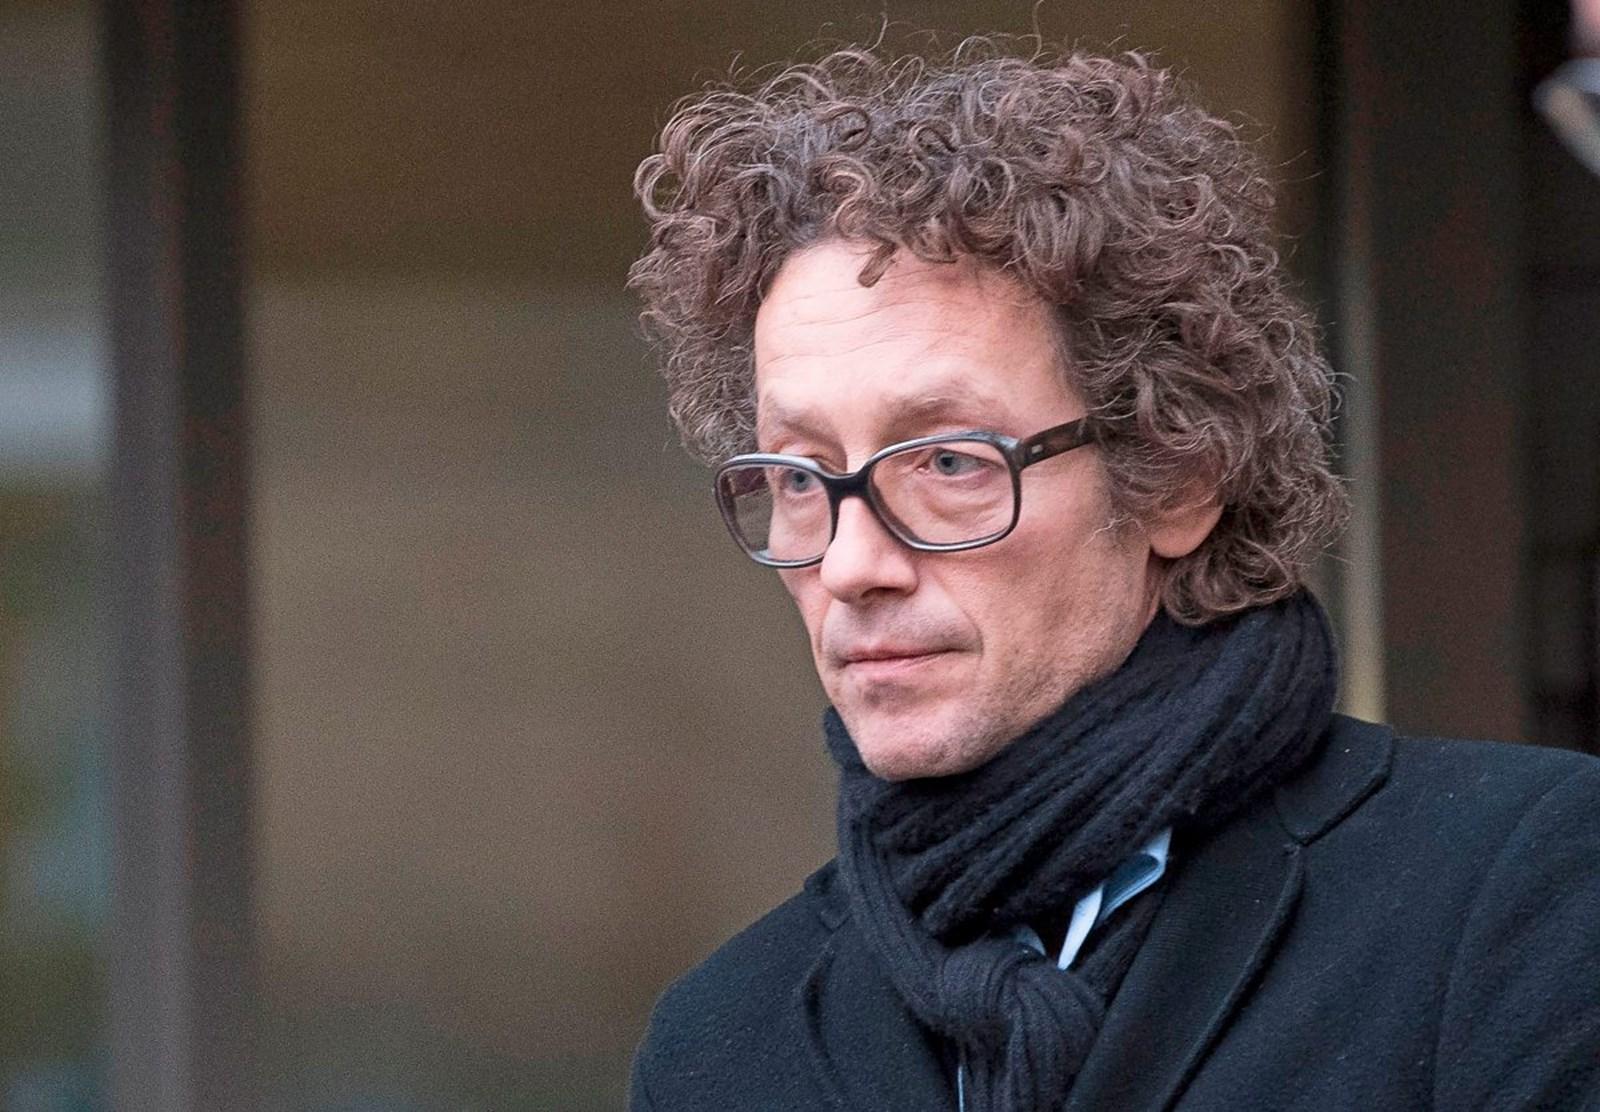 Nach Insolvenz vor sieben Jahren: Lars Schlecker tritt Haftstrafe an